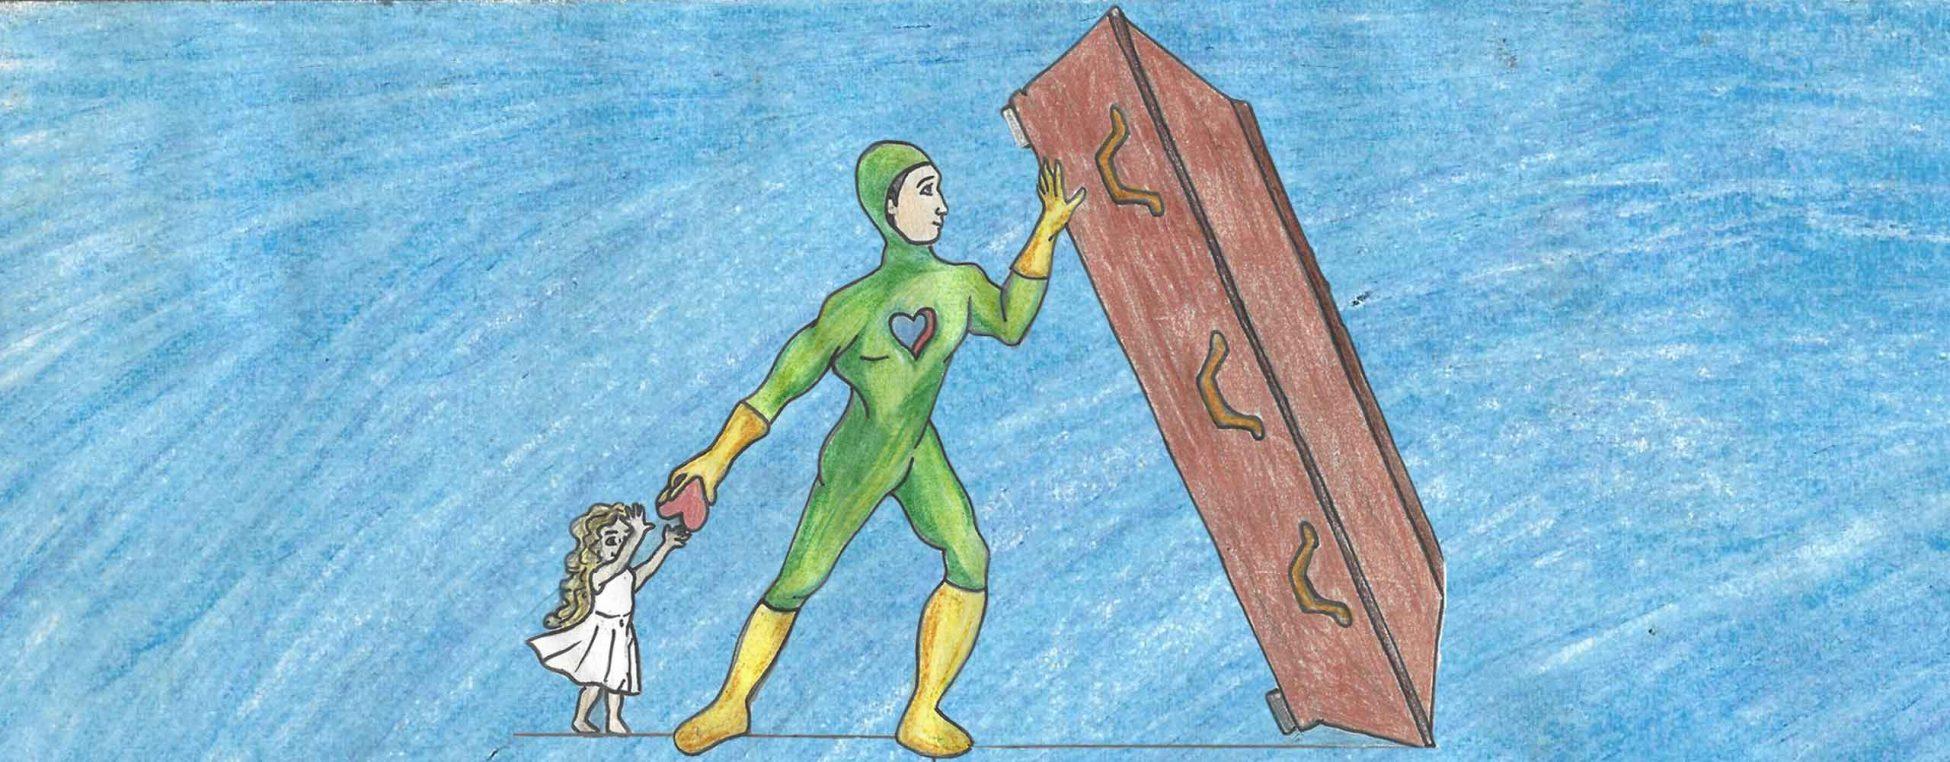 Be a hero - Safe others - Bild zum Kunstwettbewerb Organspende und Transplantation